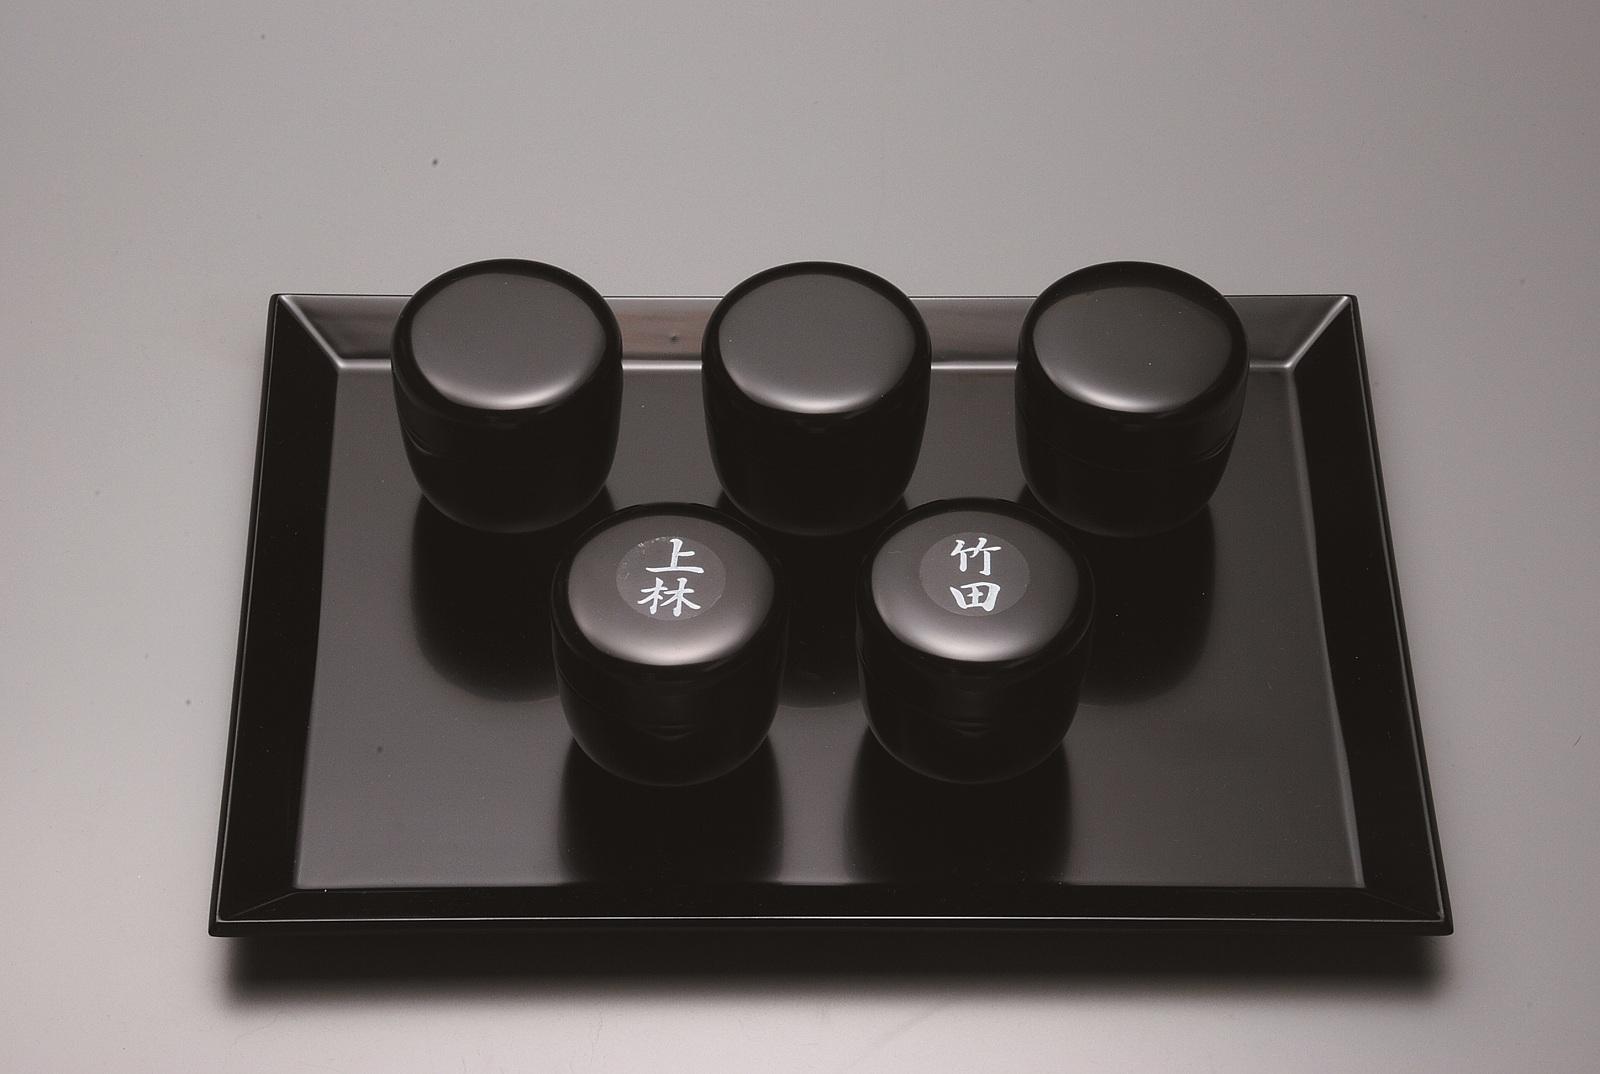 茶歌舞伎棗 黒真塗 木製 5個入(シール付)